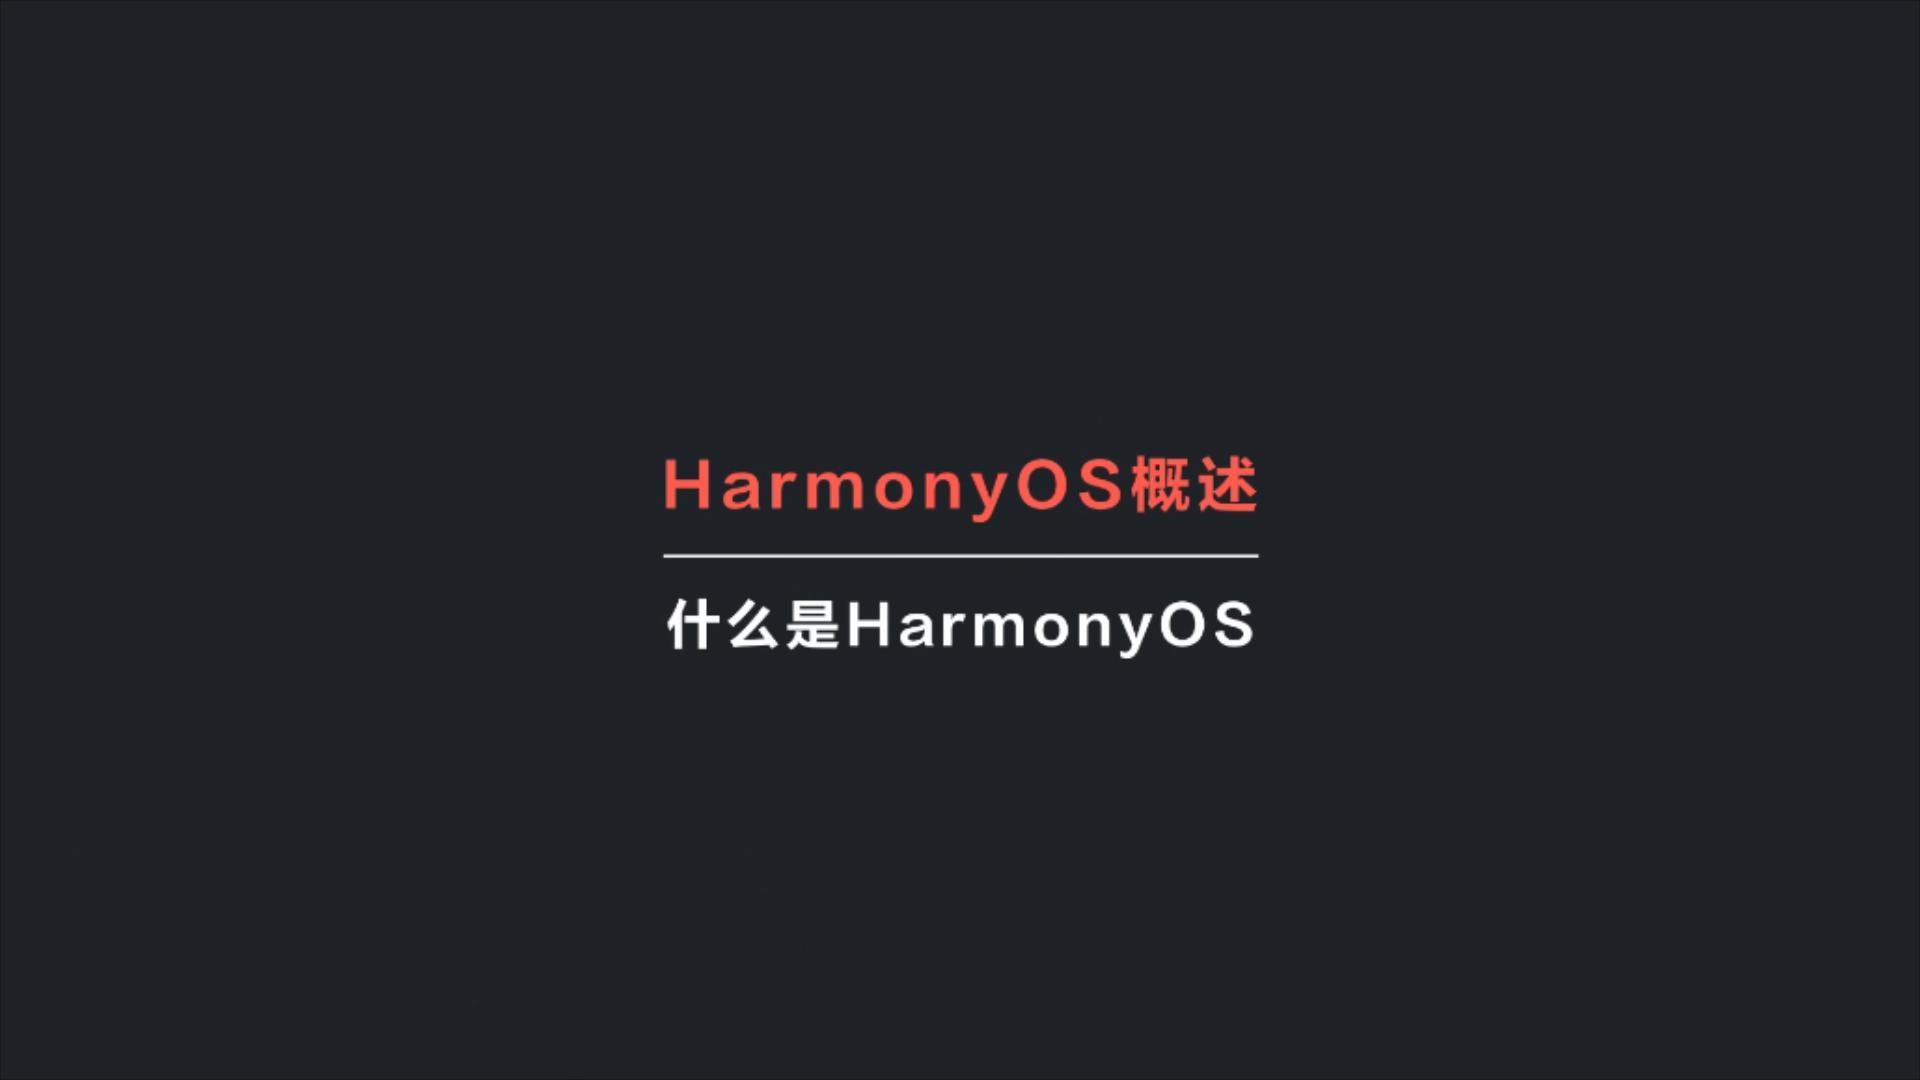 鸿蒙OS(HarmonyOS)简介